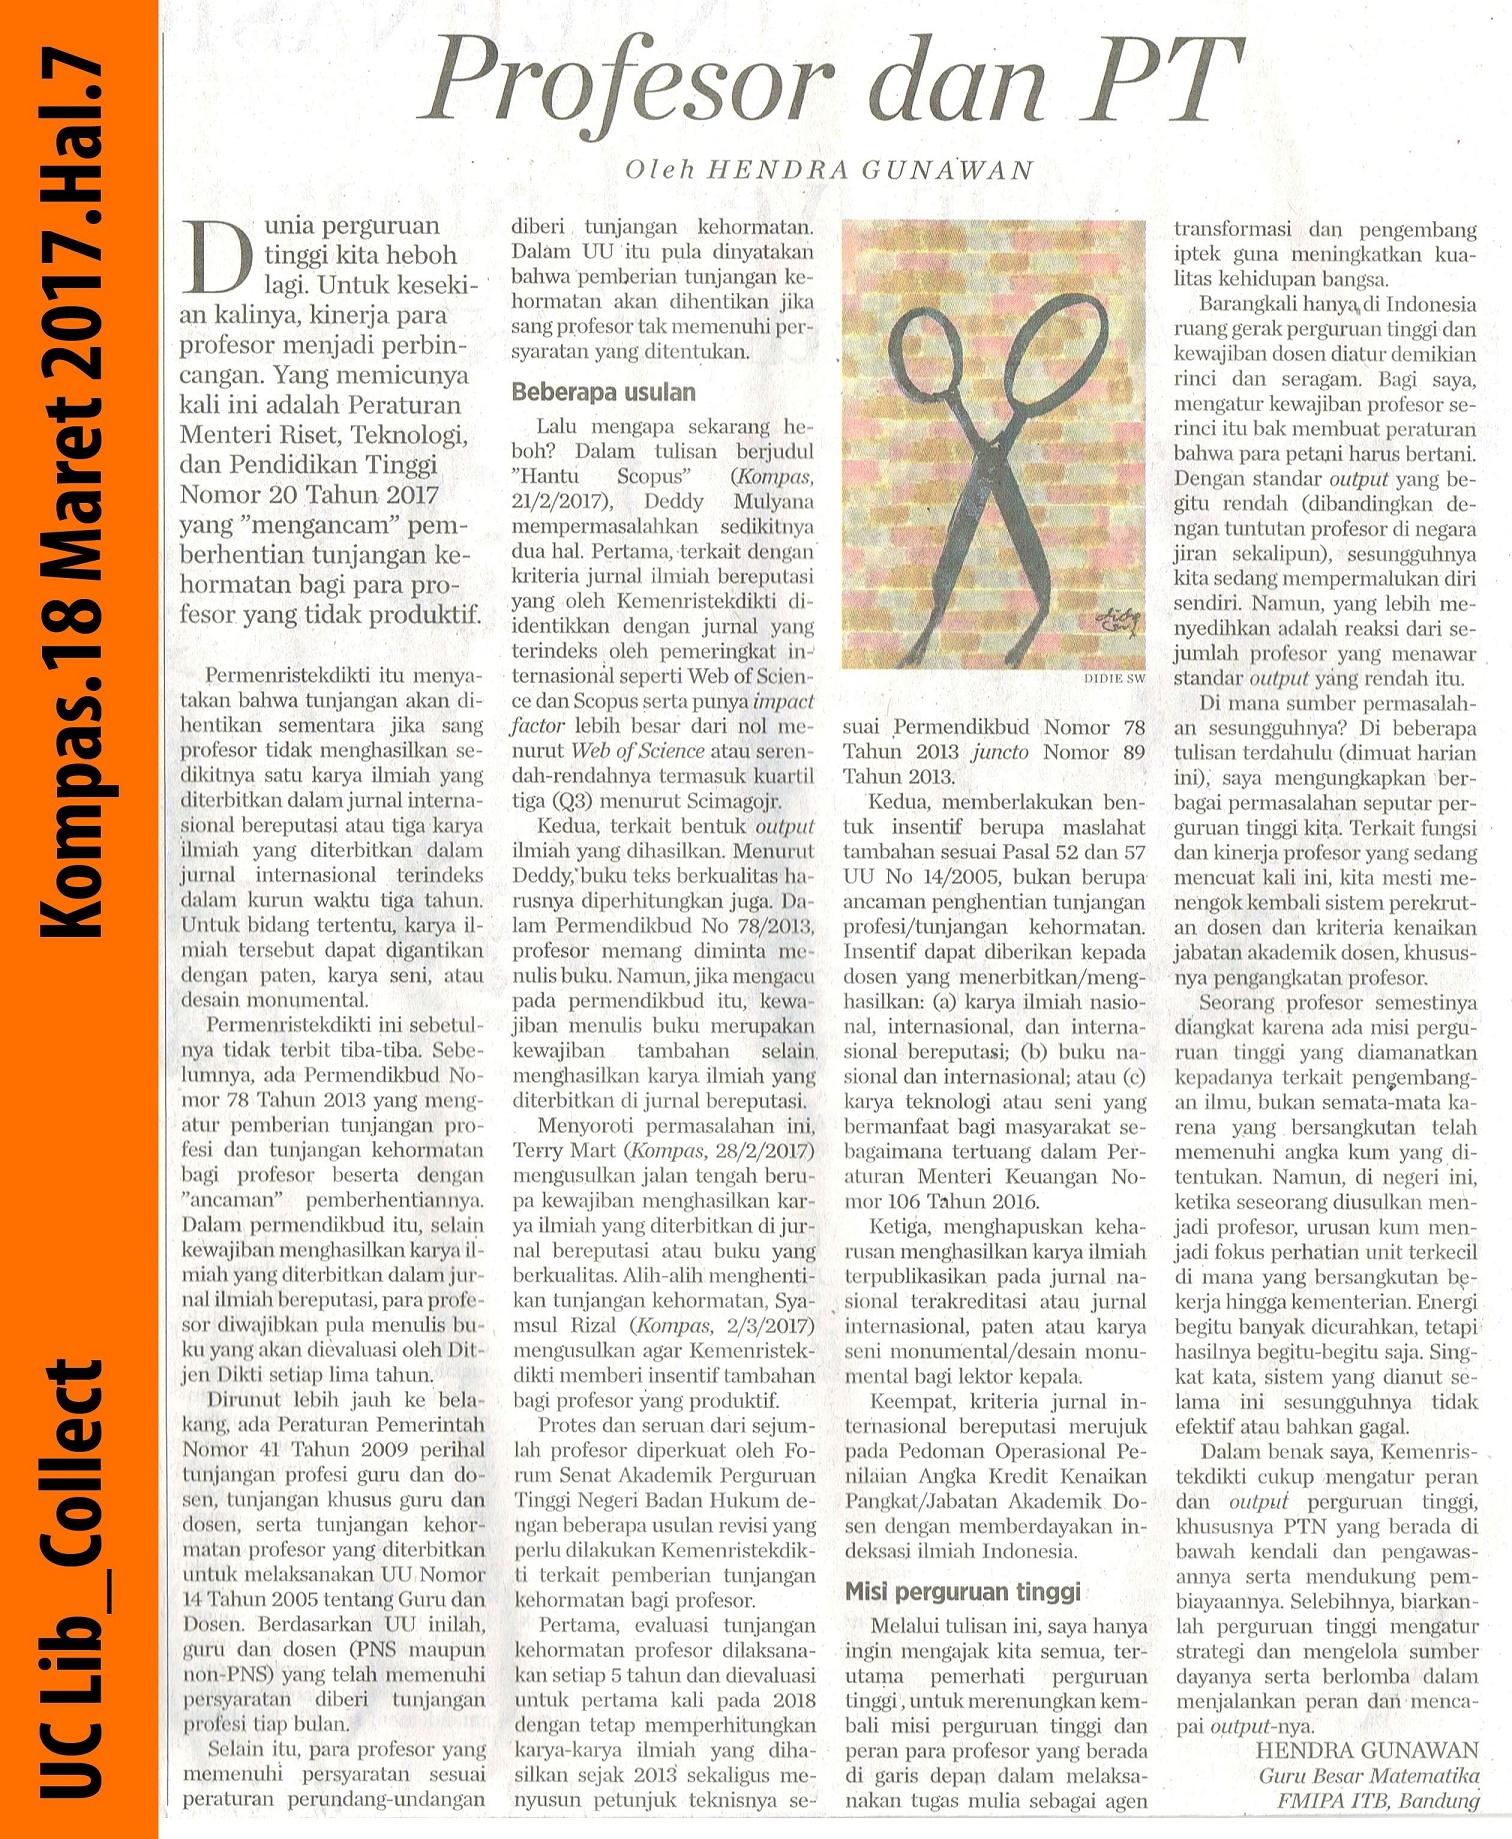 Profesor dan PT.Kompas.18 Maret 2017.Hal.7